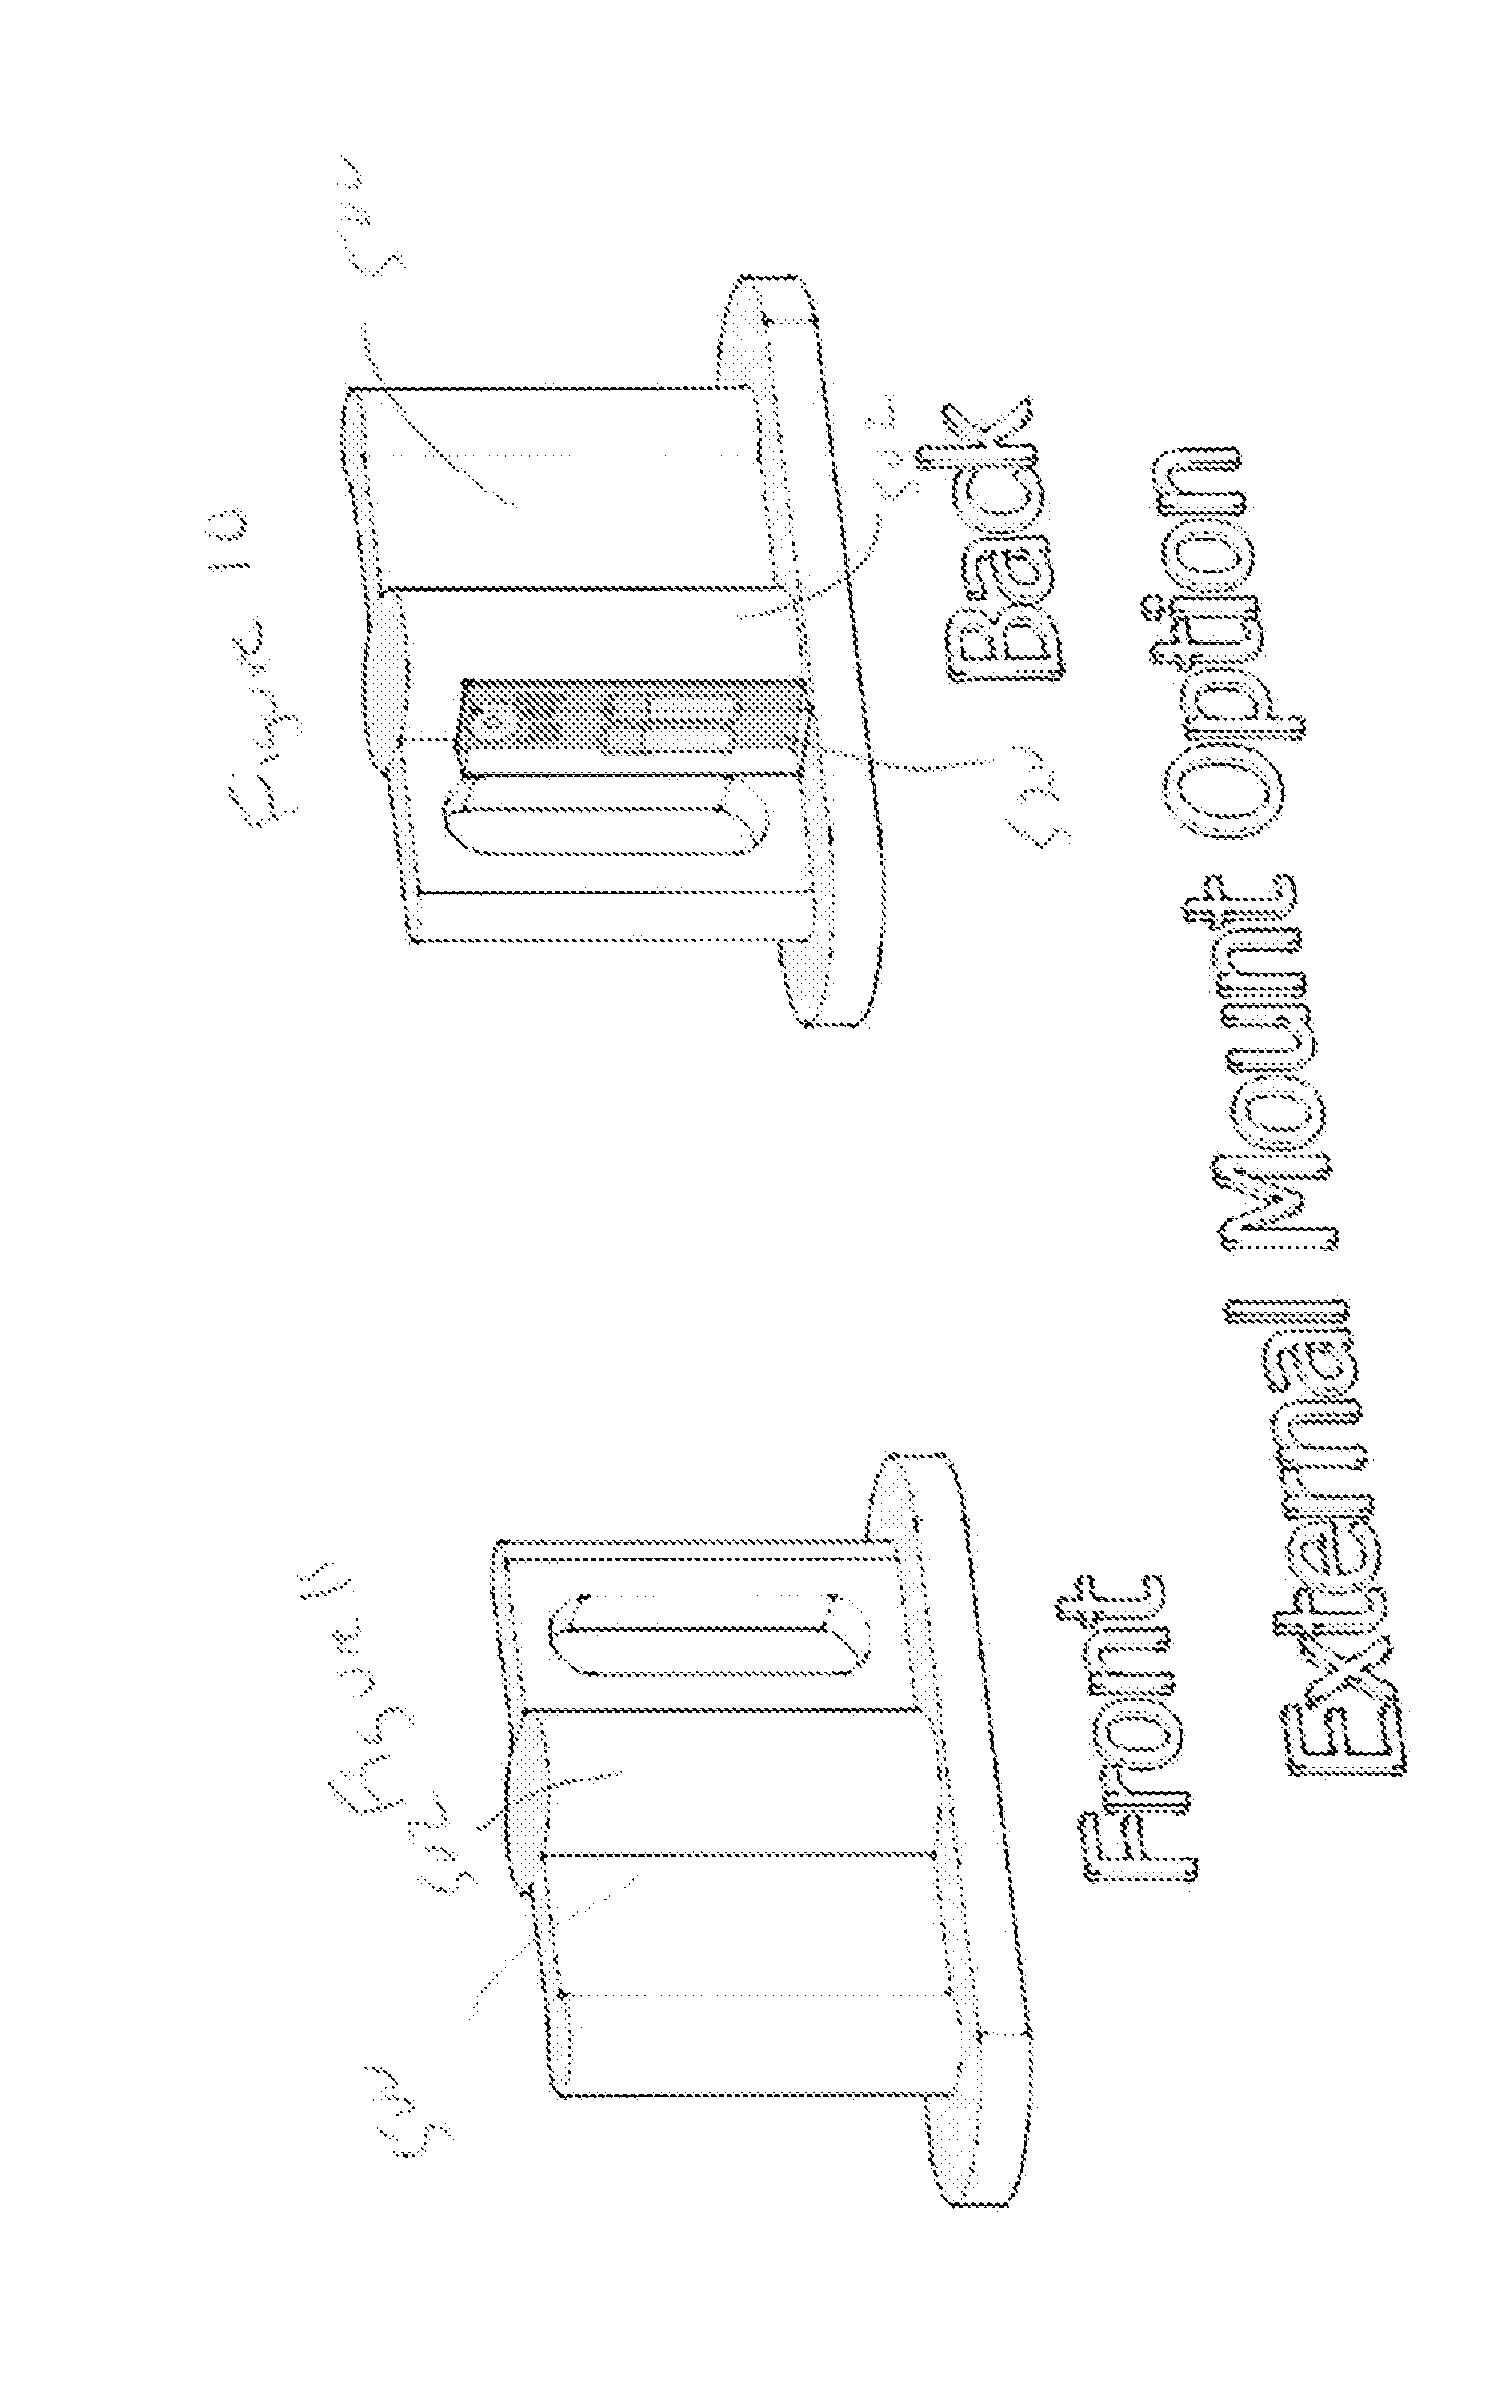 patent us20120089043